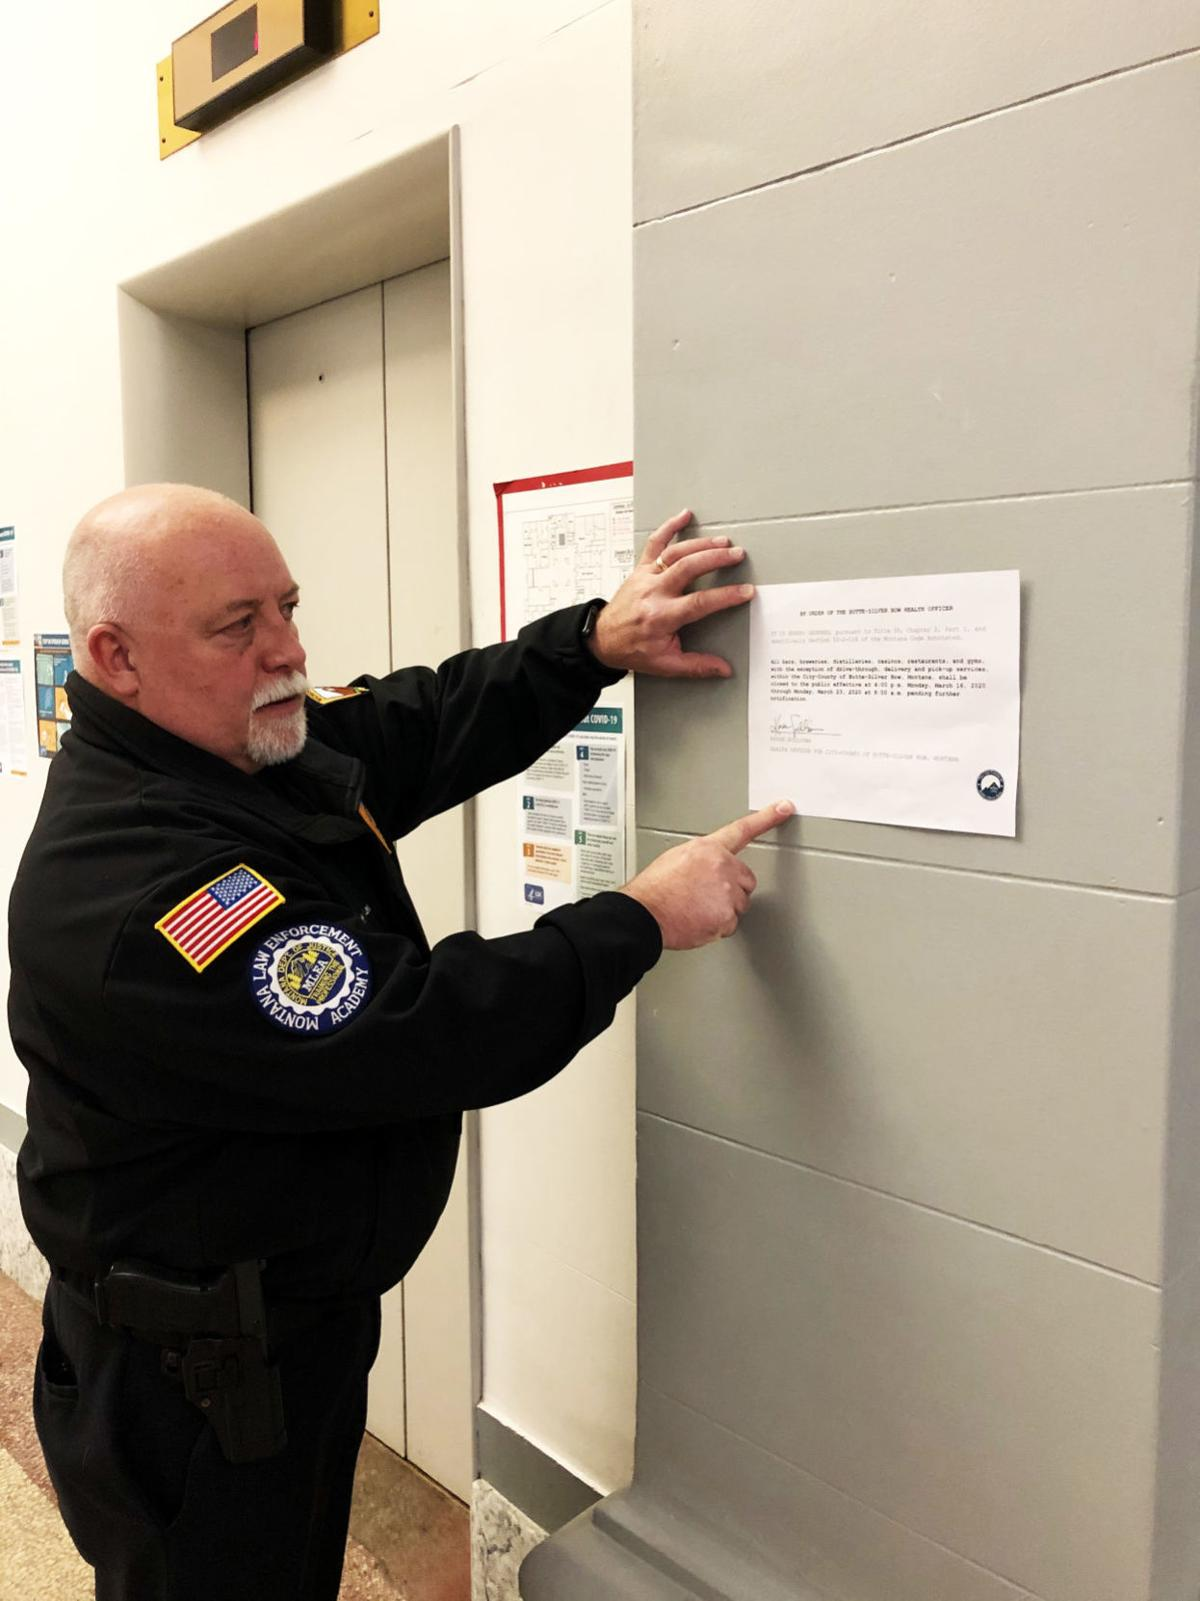 Ed Lester coronavirus notice